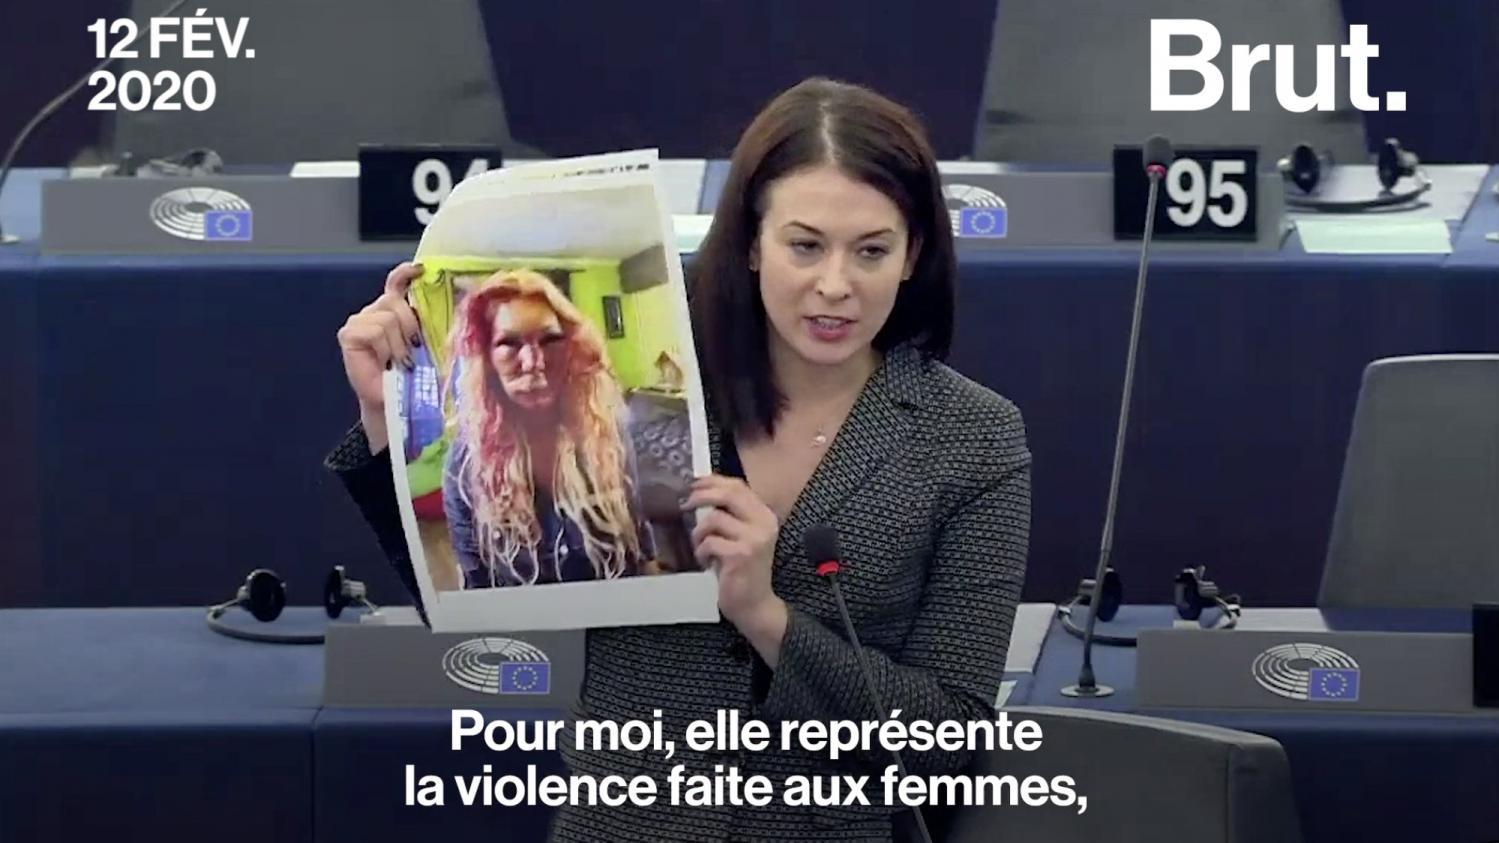 VIDEO. Violences sexistes : coup de gueule d'une députée au Parlement européen